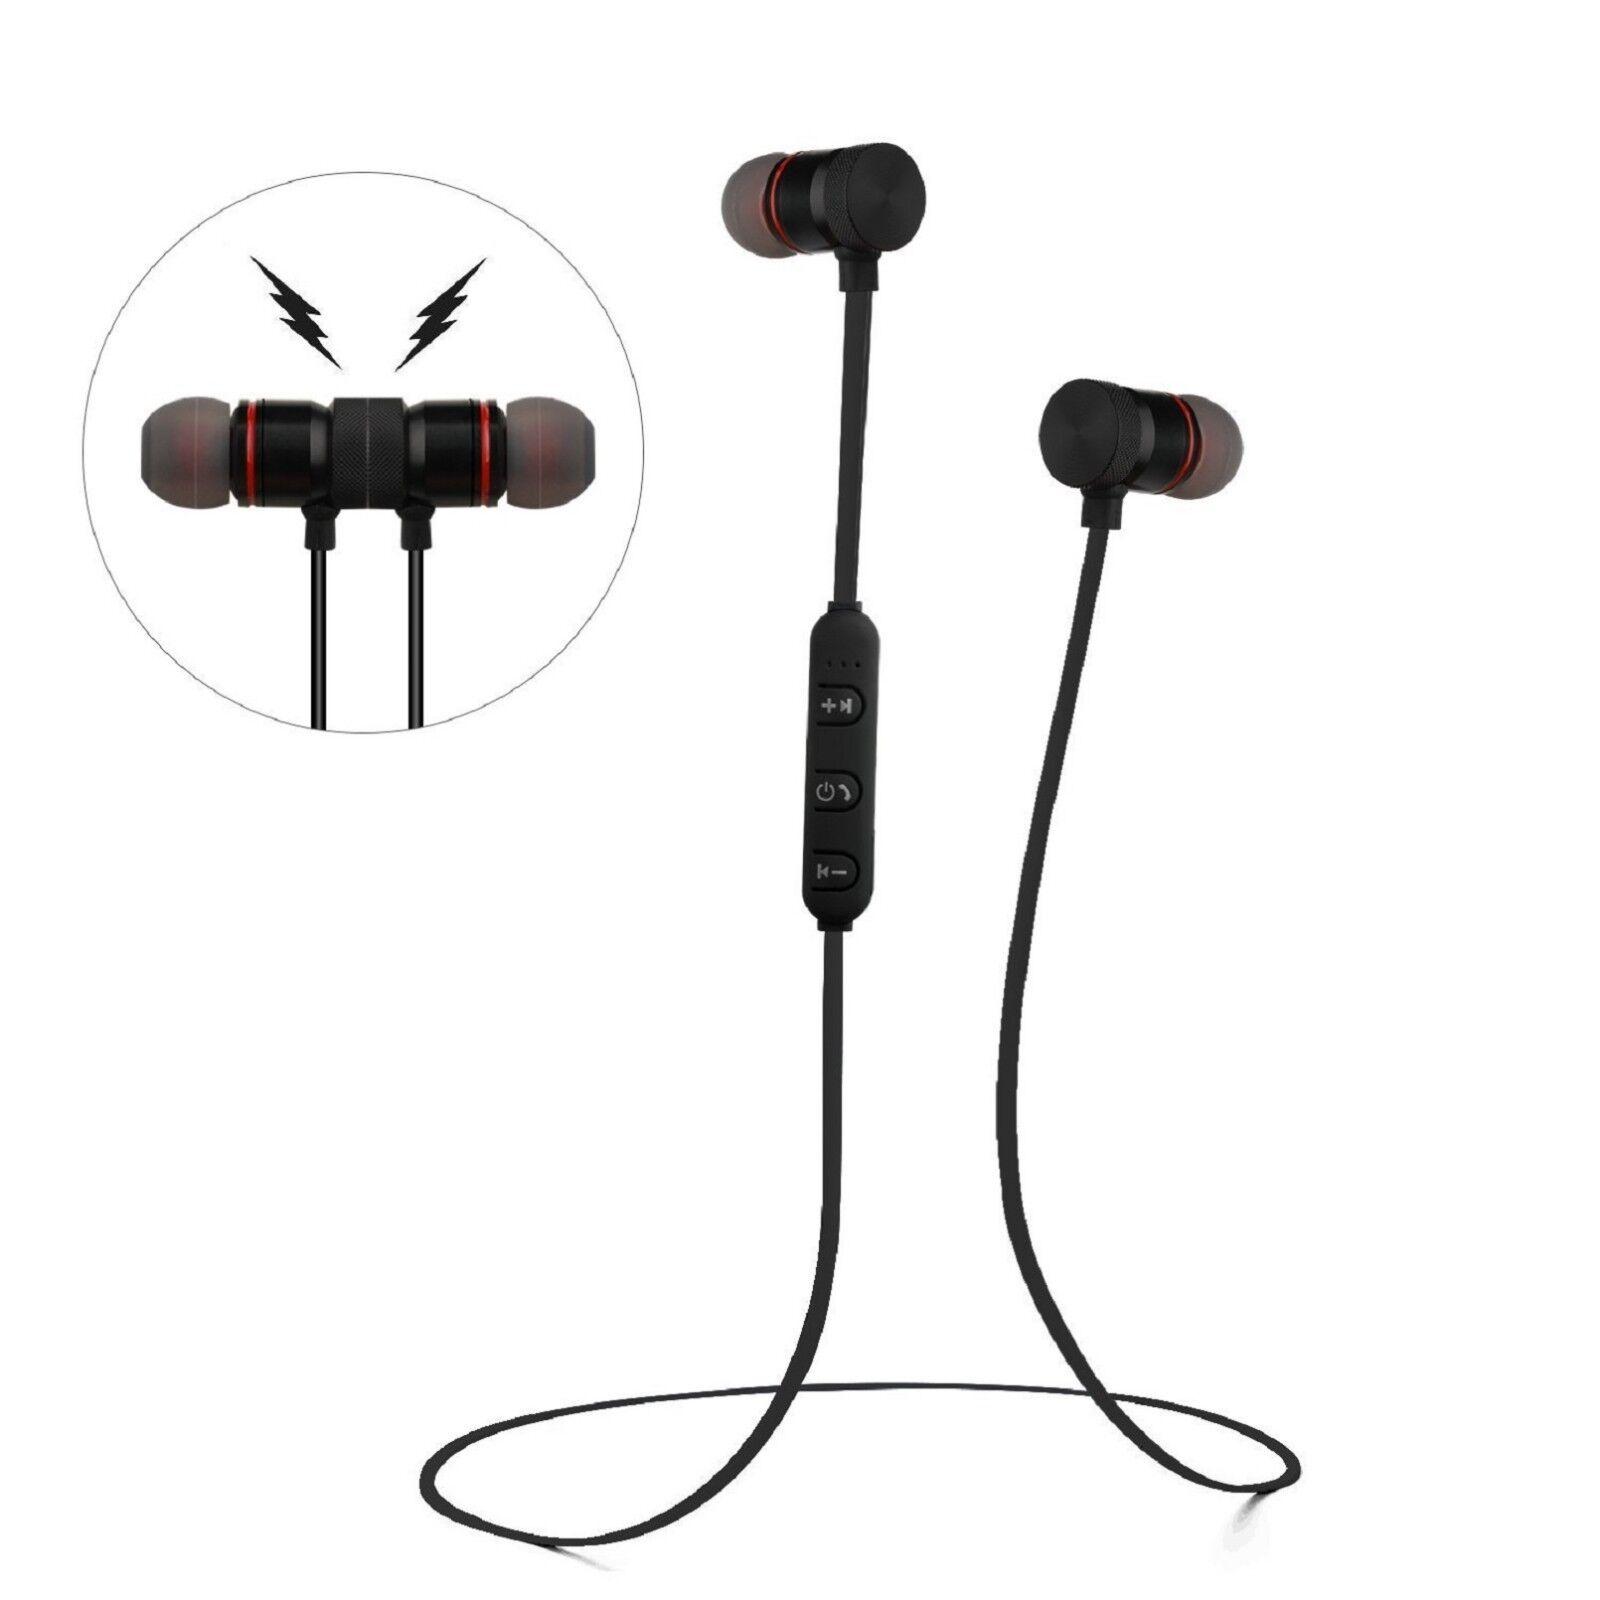 Sweatproof Bluetooth Earbuds Sports Wireless Headphones in Ear Headsets